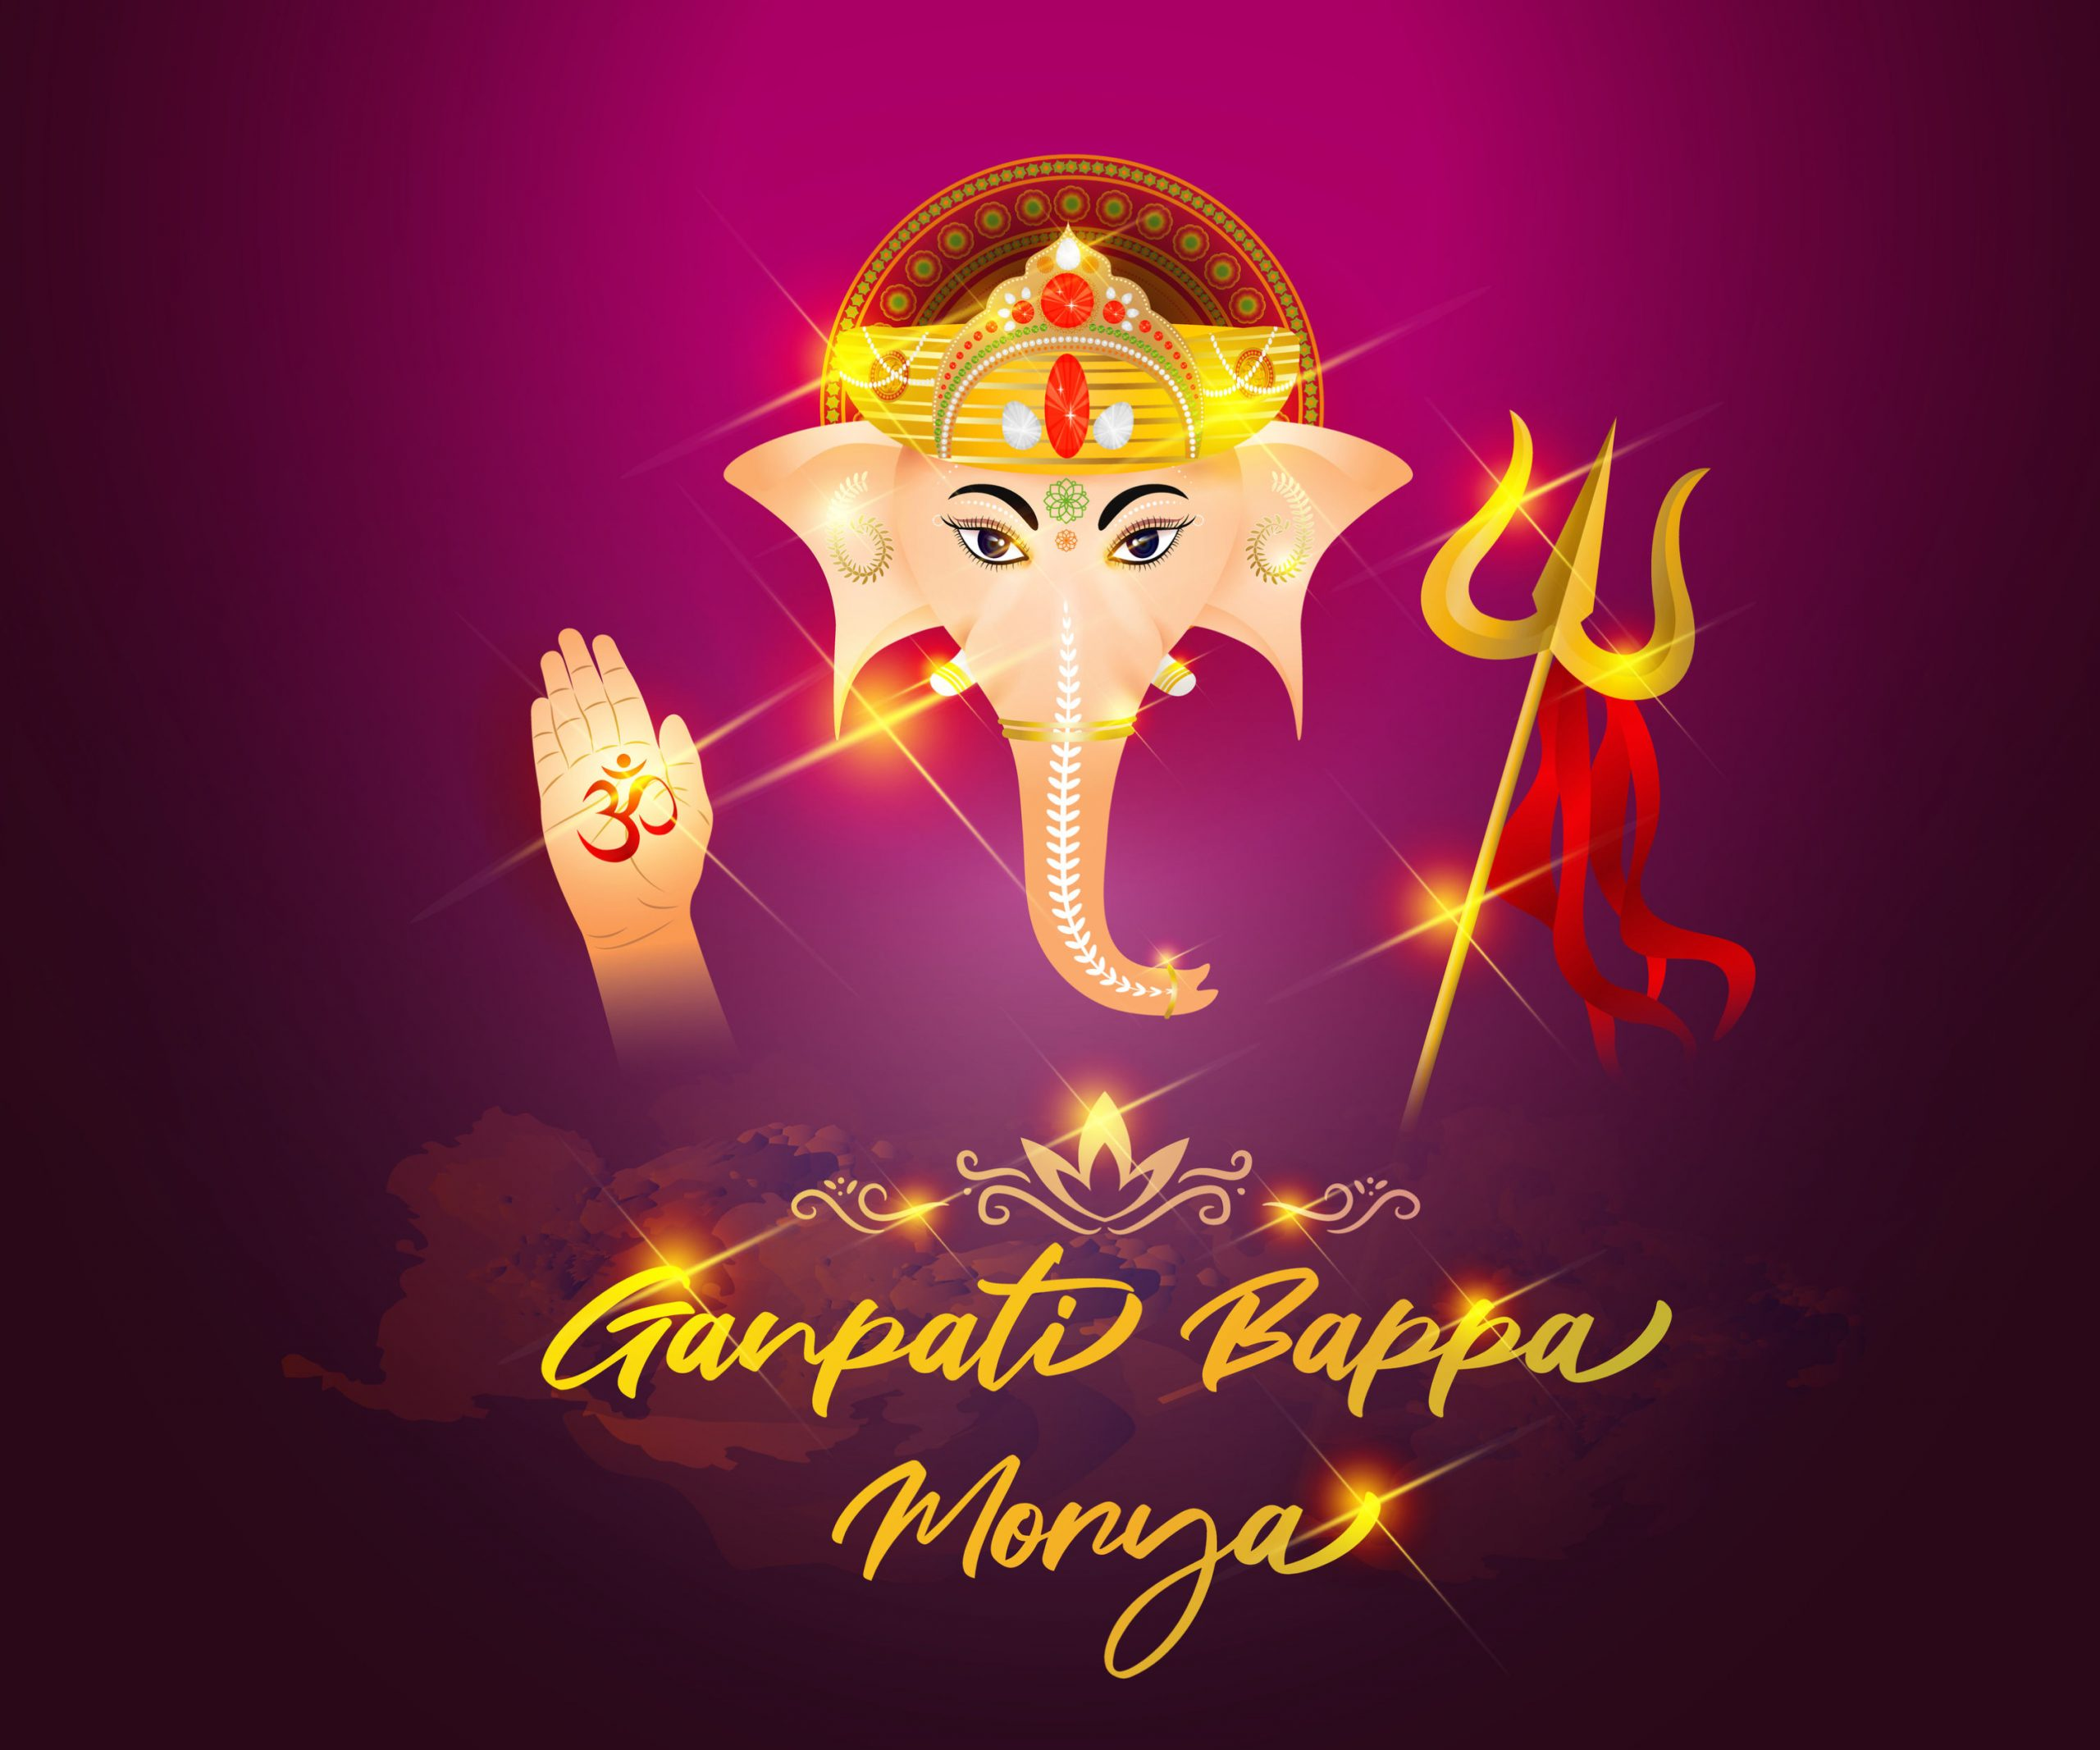 Ganpati bappa morya,Images